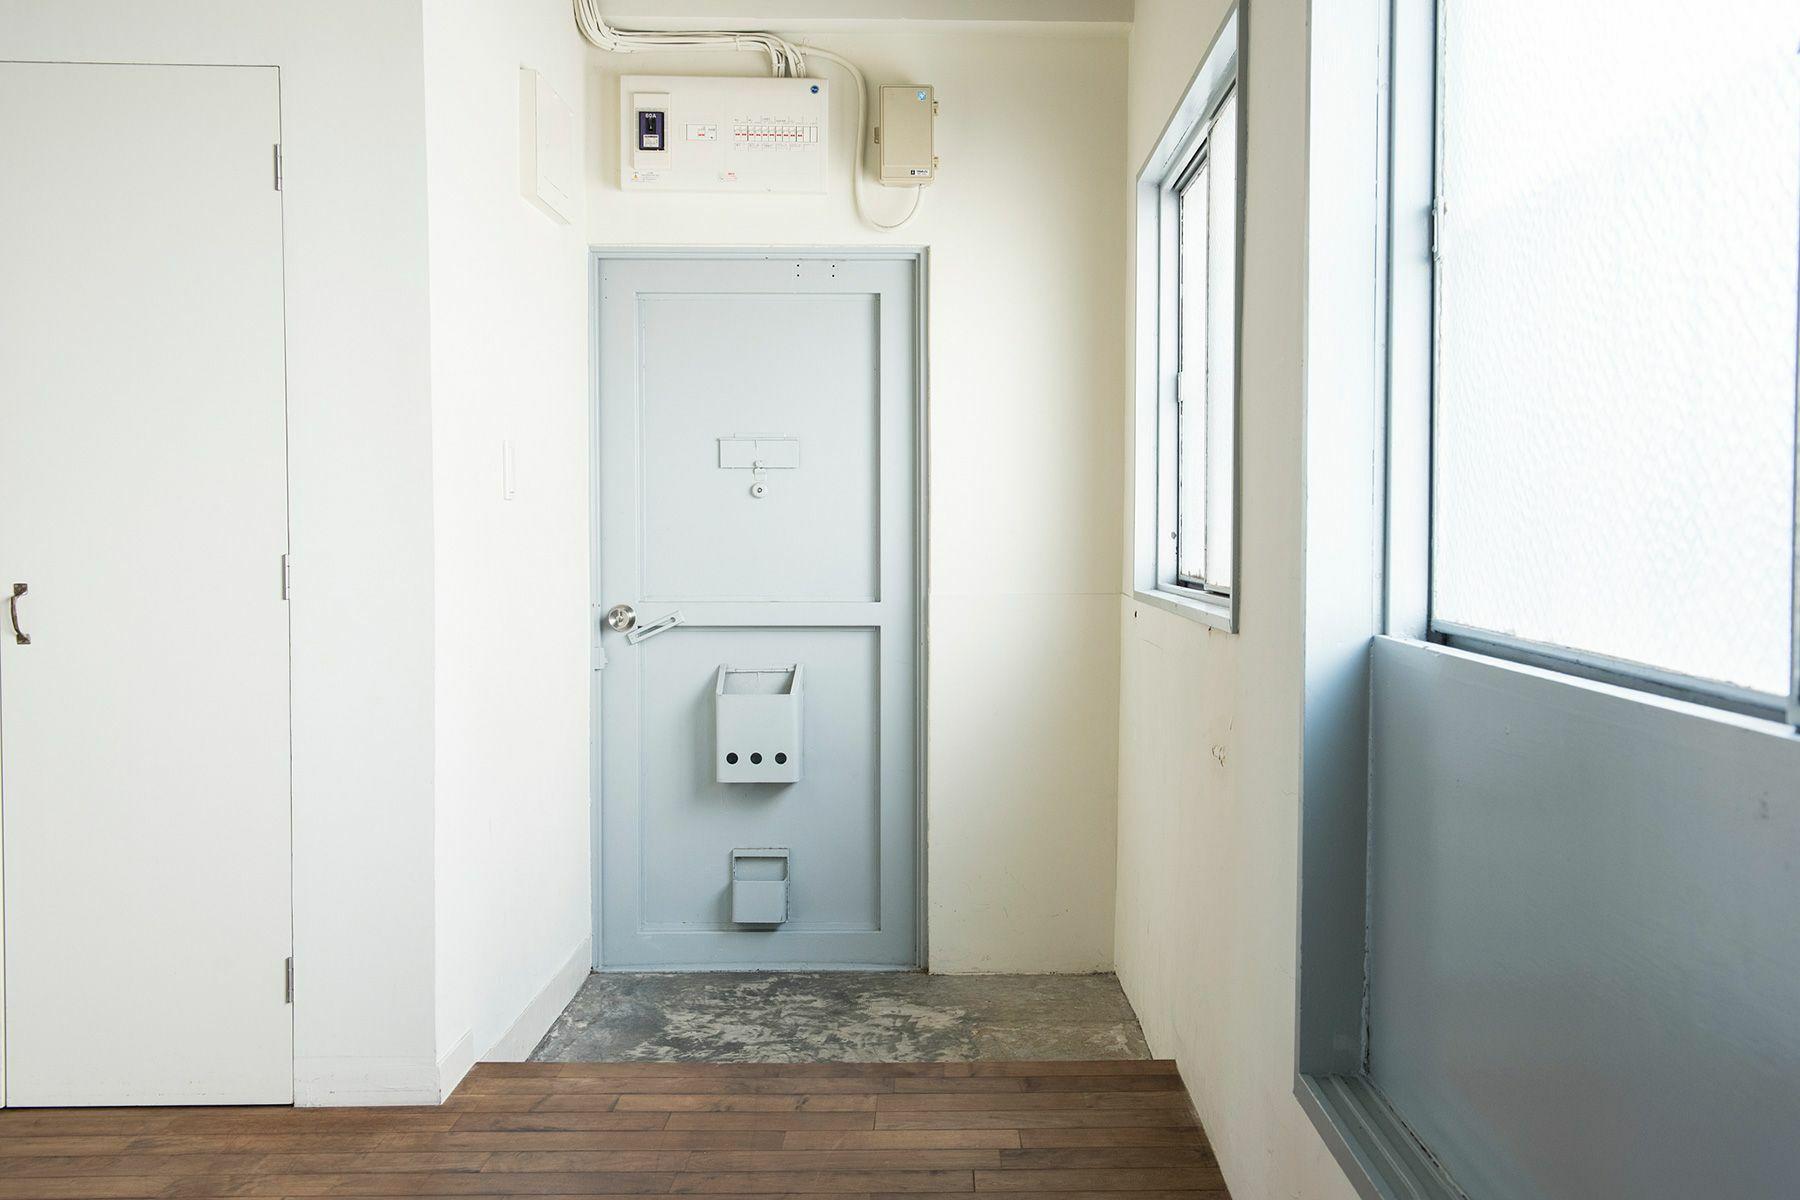 cobaco kitchen(コバコ キッチン)玄関前